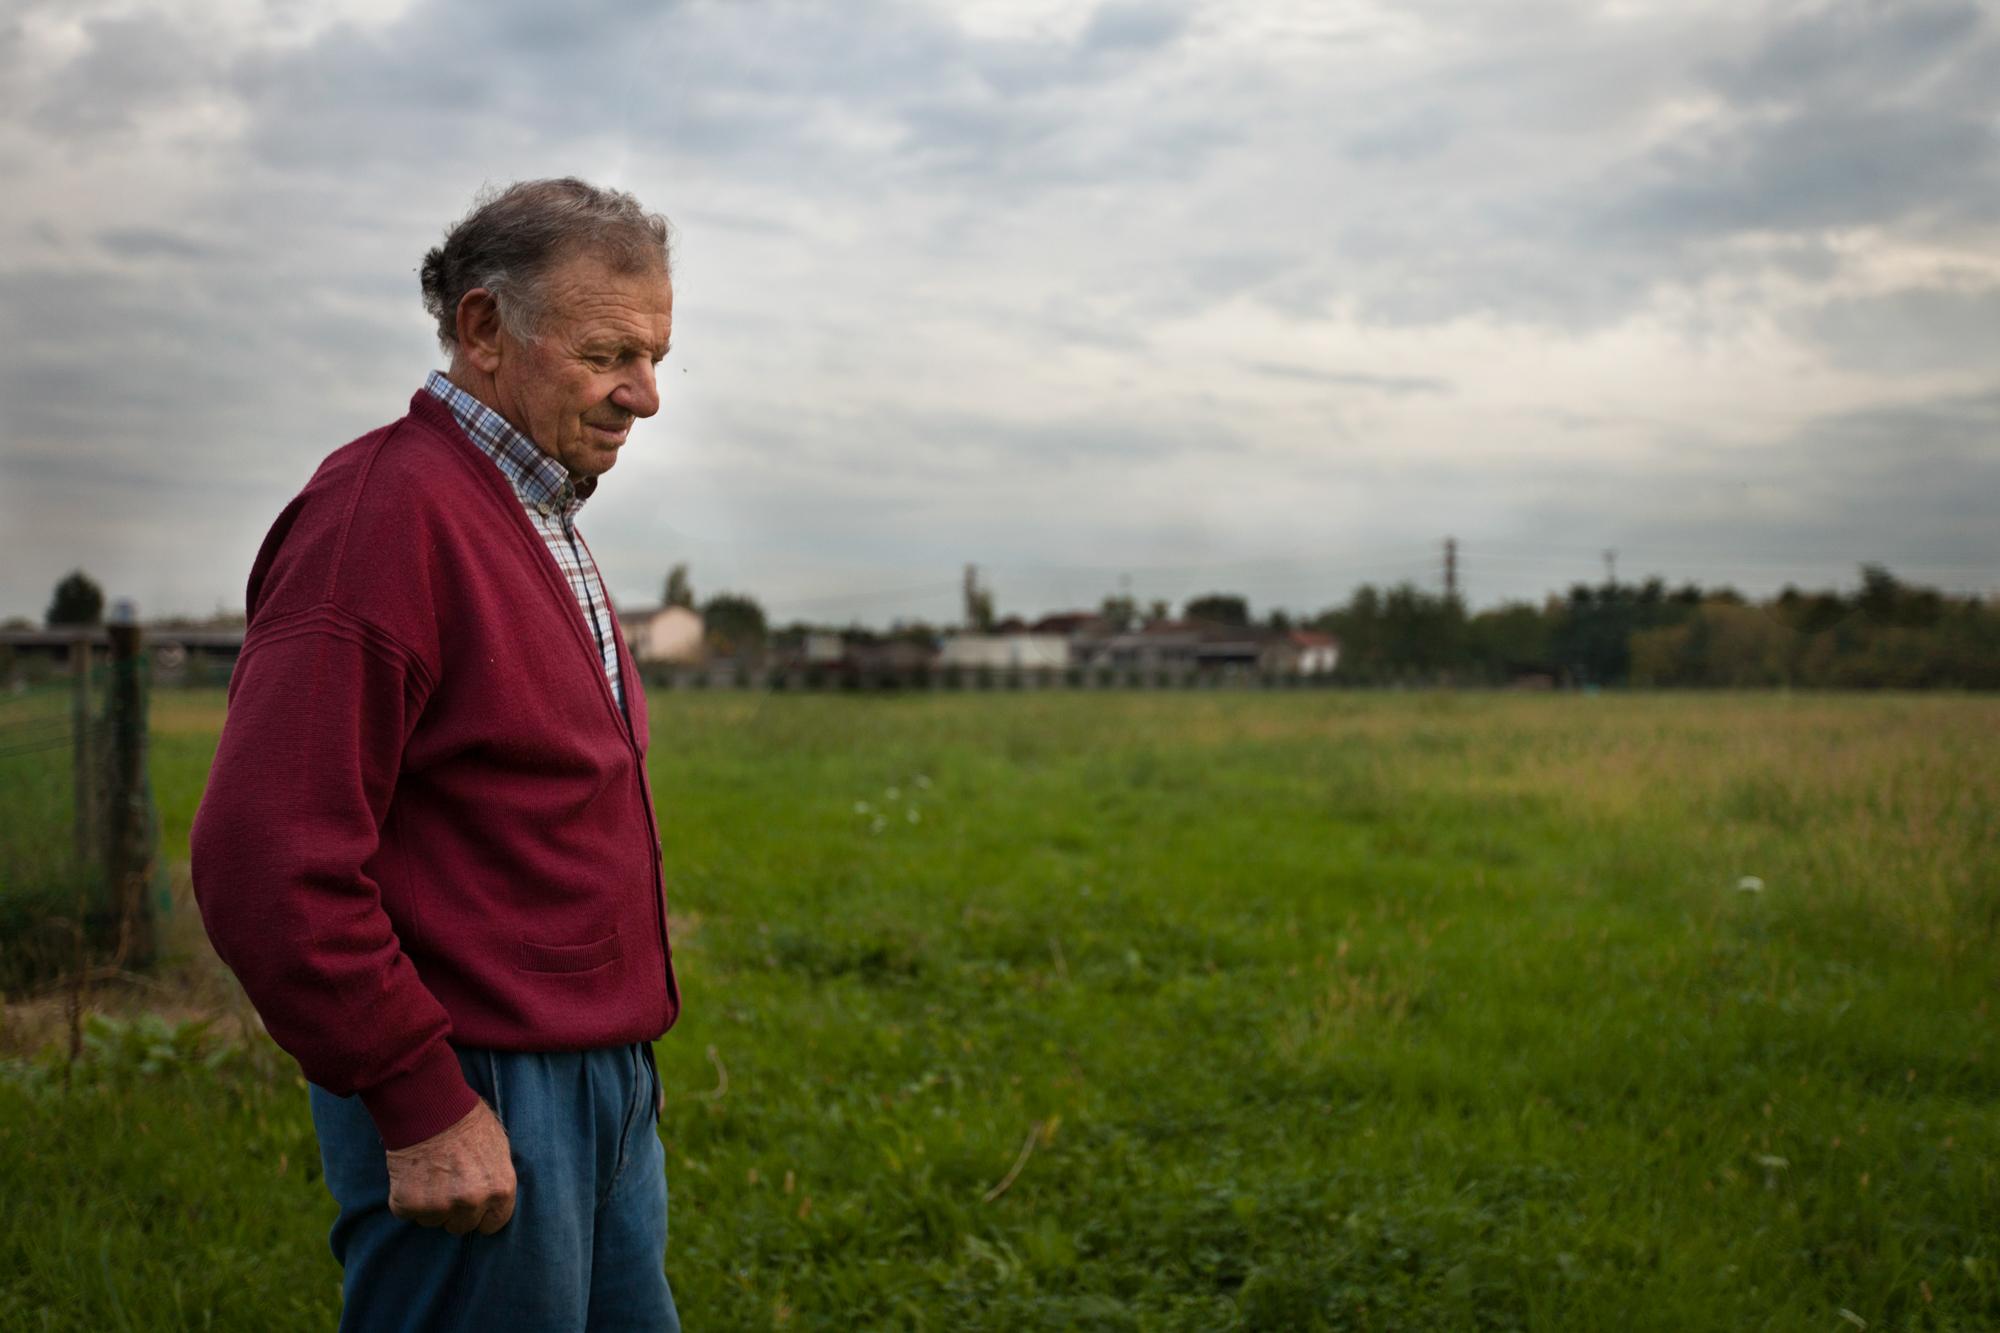 Pierino Antonioli, contadino bresciano di 70 anni abita nell'area inquinata dal PCB prodotto dall'industria chimica Caffaro. Da anni, a causa dell'inquinamento non può coltivare i campi messi sotto sequestro dall'autorità giudiziaria. Brescia / Italia. Ottobre 2013